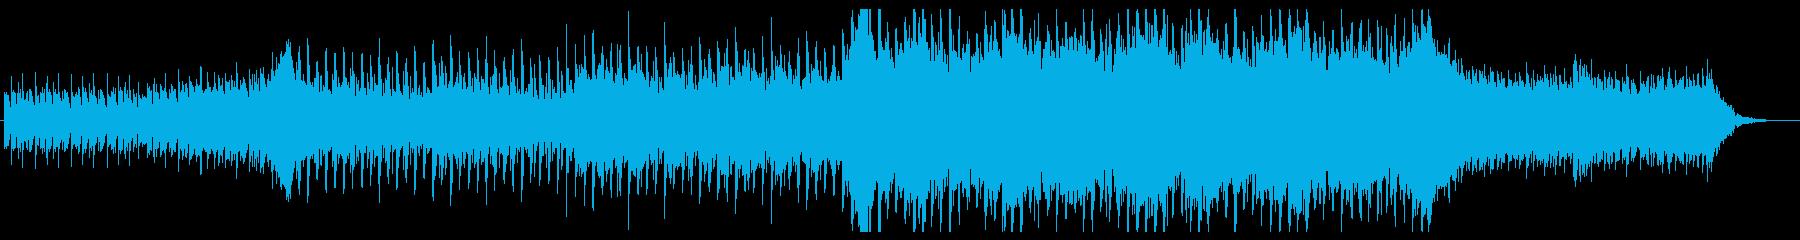 爽やかなピアノ中心のエレクトロの再生済みの波形